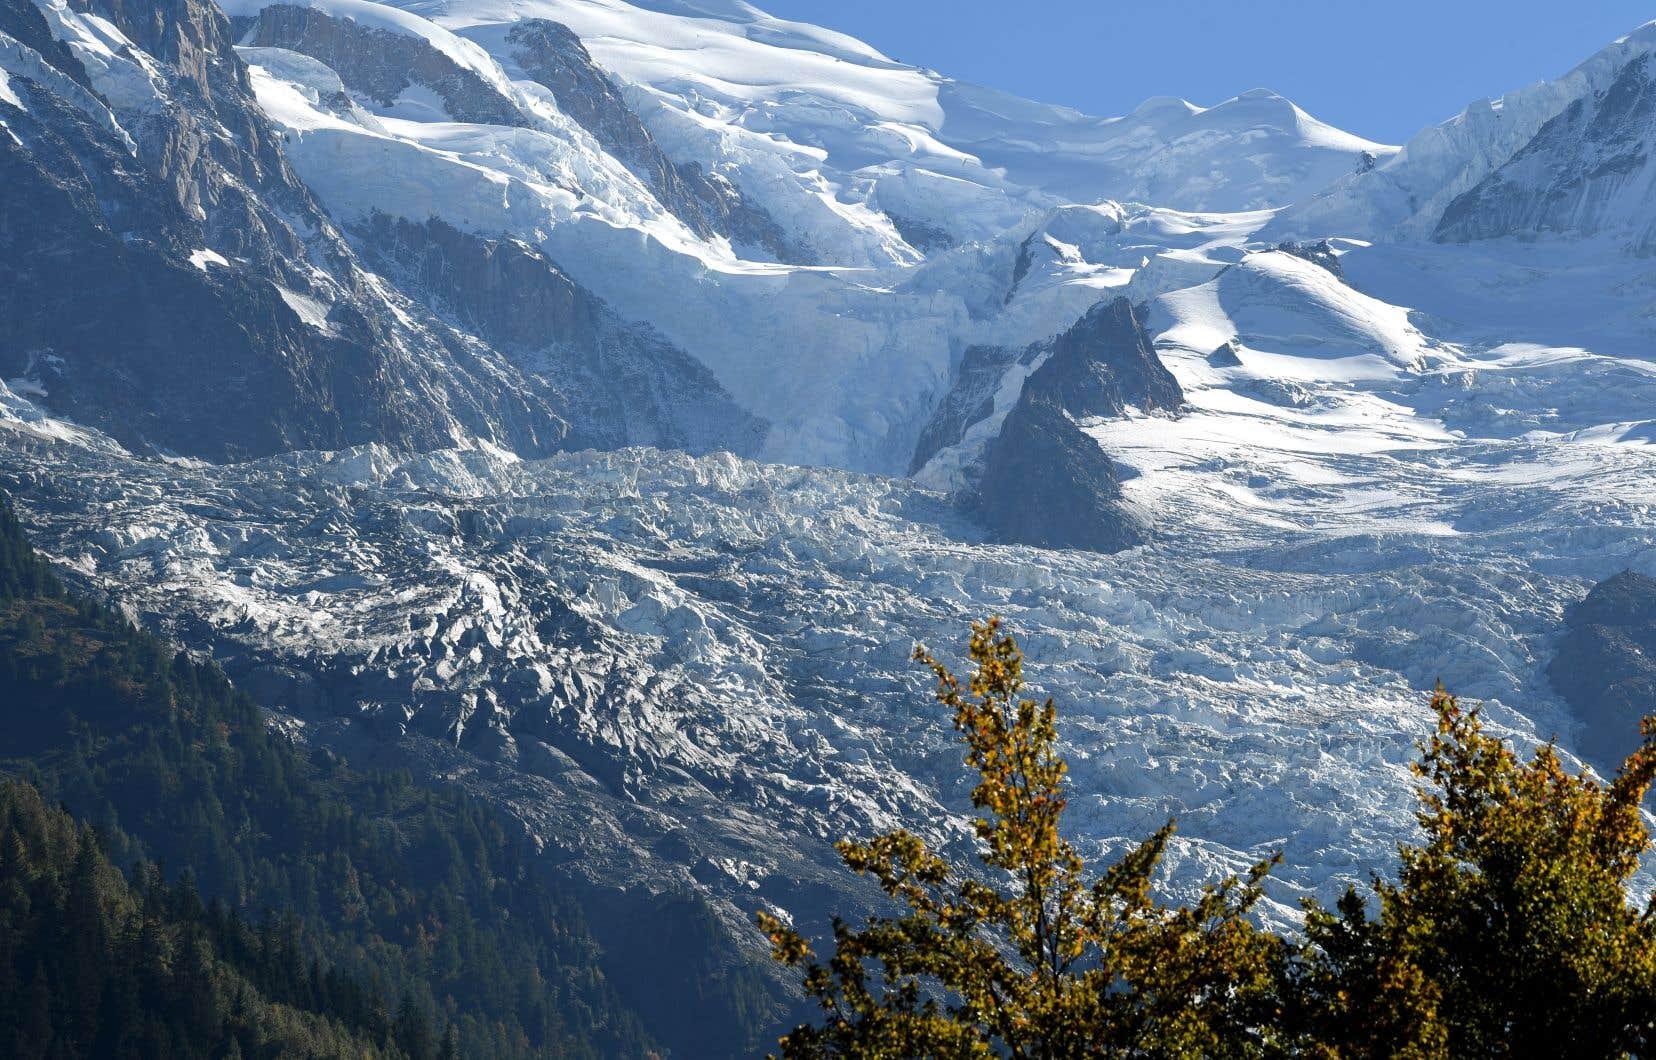 <p>Les quelque 4000 glaciers alpins, attraits touristiques qui fournissent aussi de l'eau en été à des millions de personnes, sont menacés par les émissions de GES liées à l'activité humaine.</p>